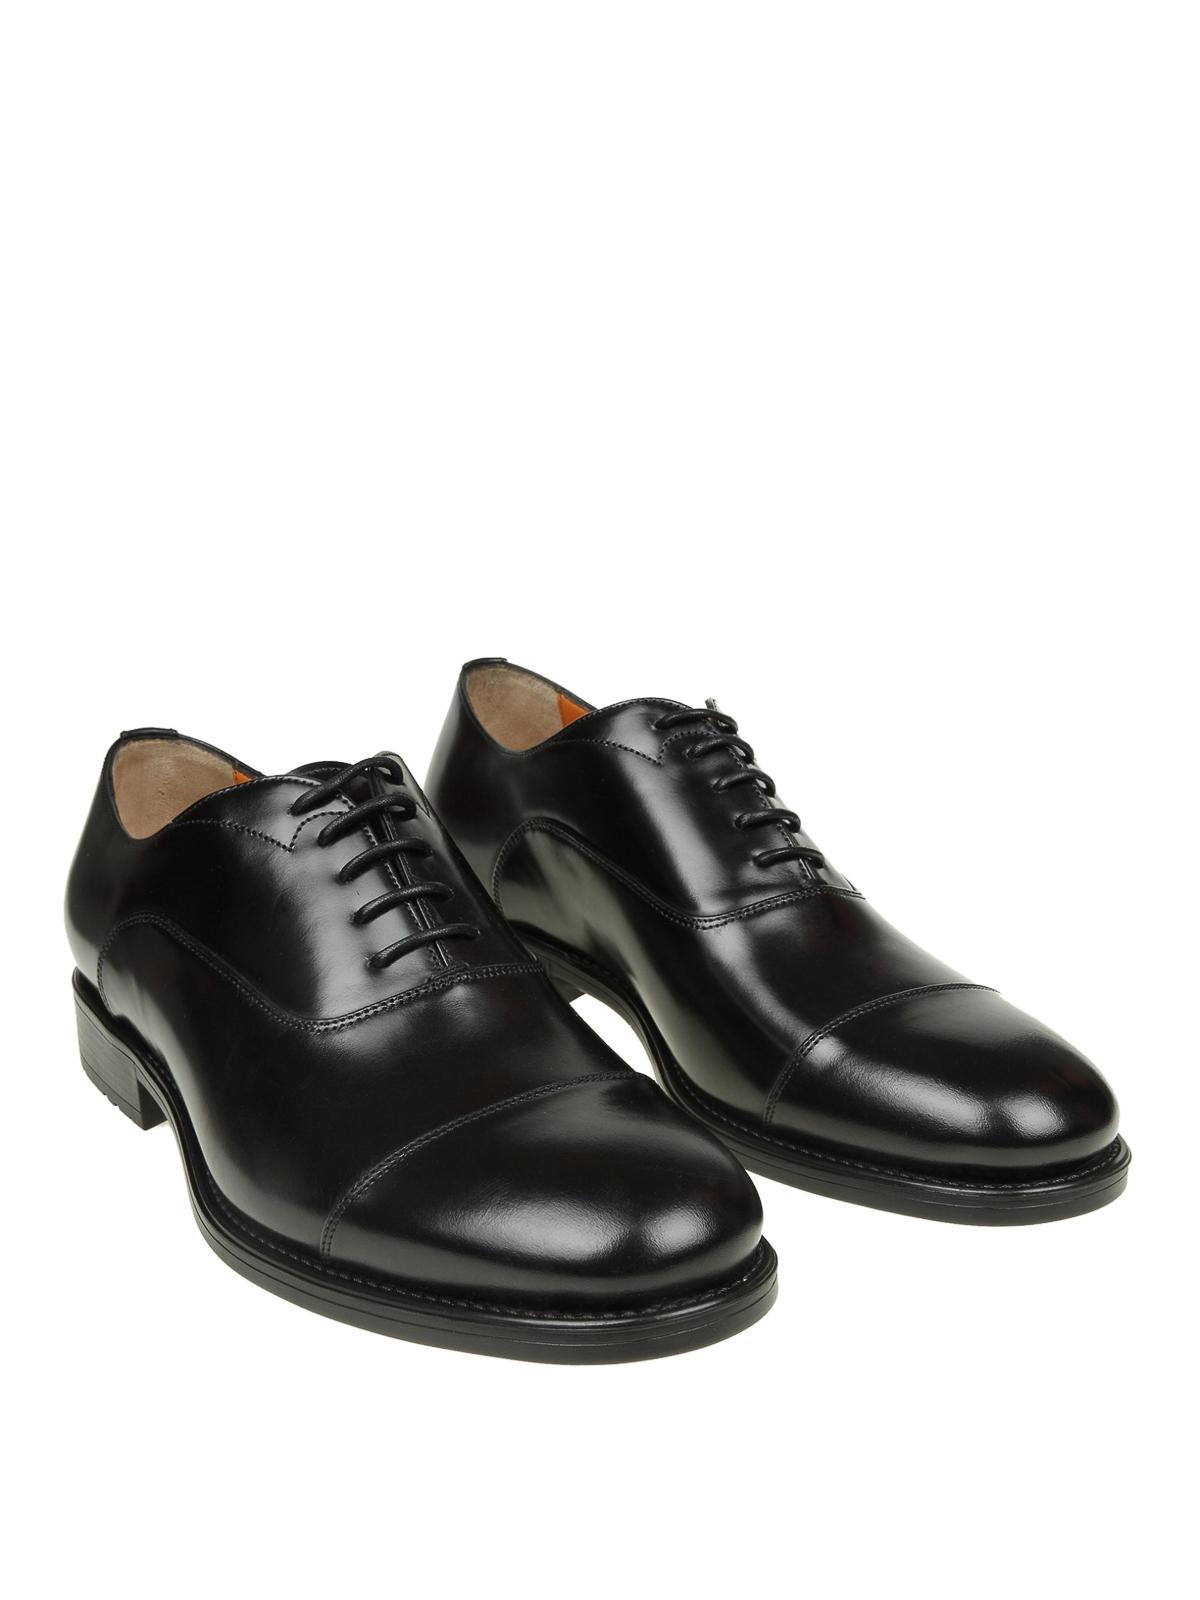 quality design b51e4 85041 Santoni - Oxford in pelle nera con suola carrarmato - scarpe ...